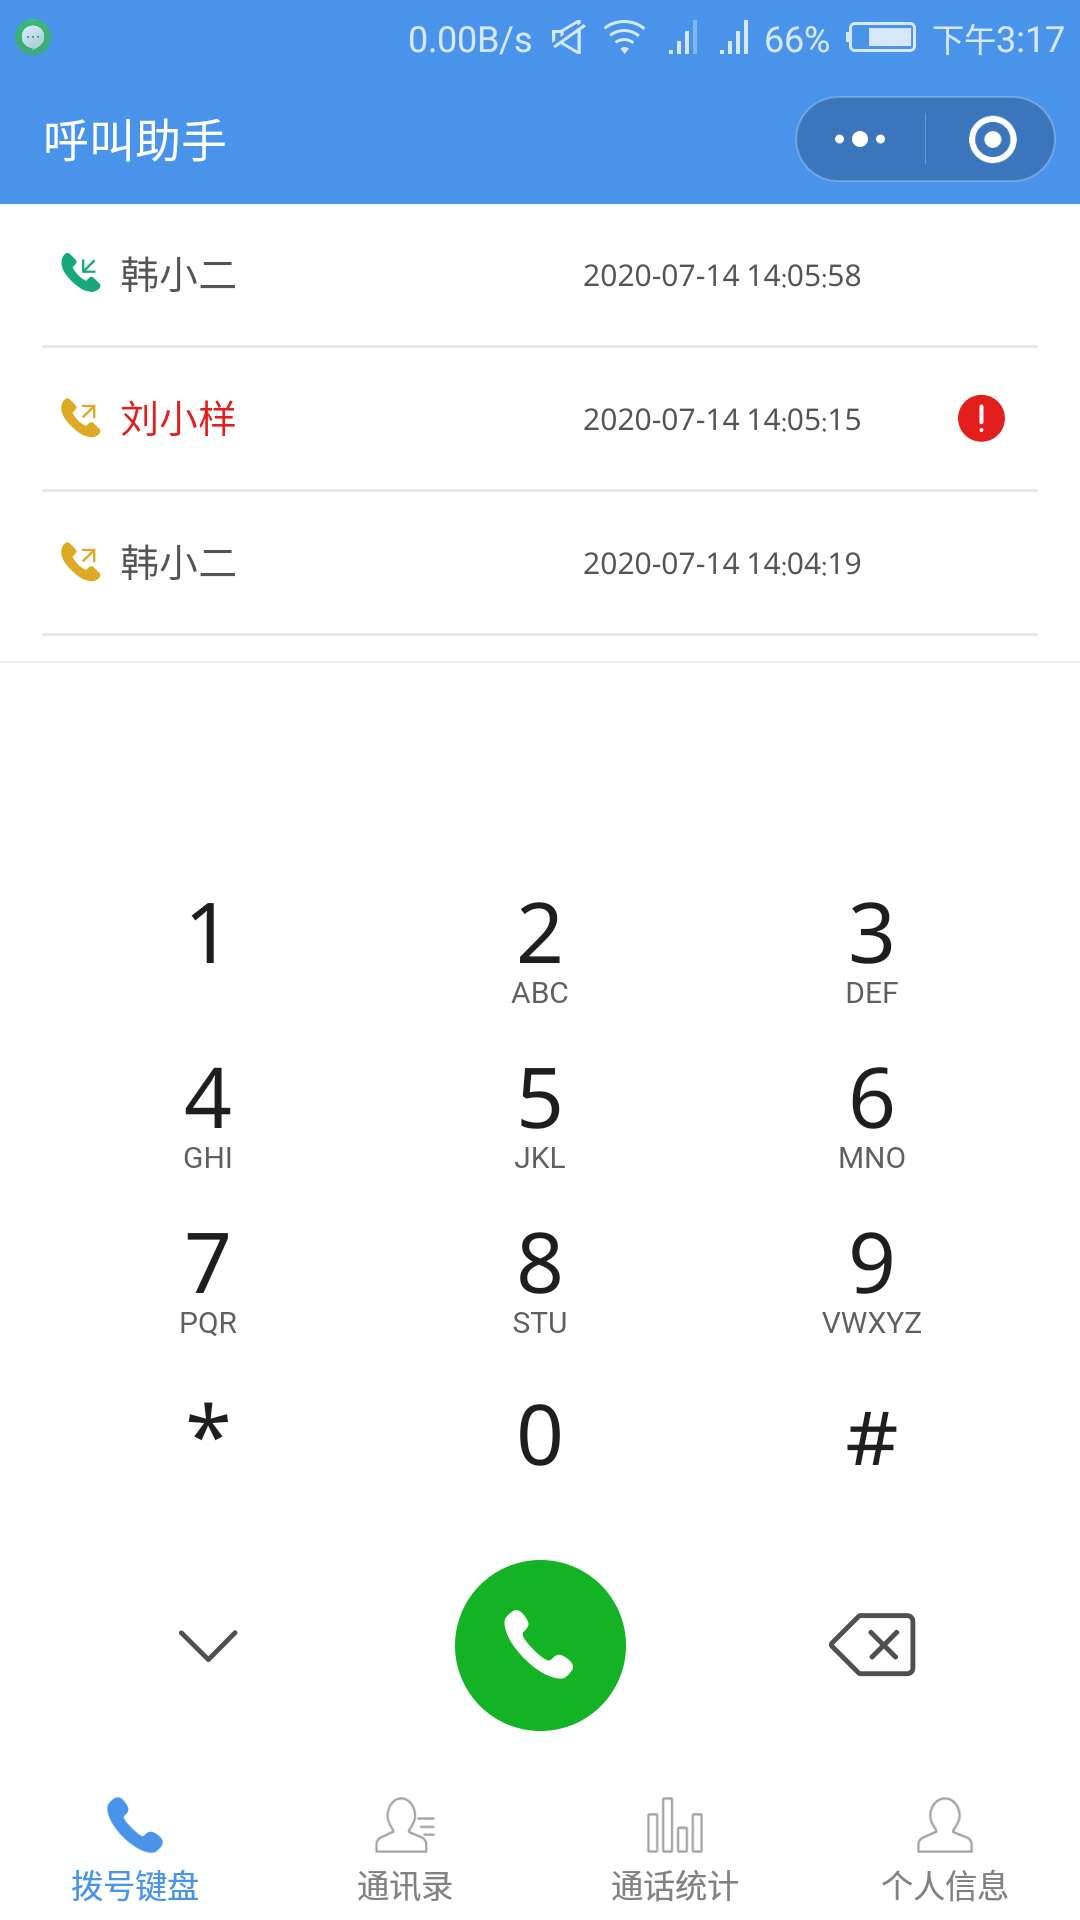 新品企业公费电话(直拨)